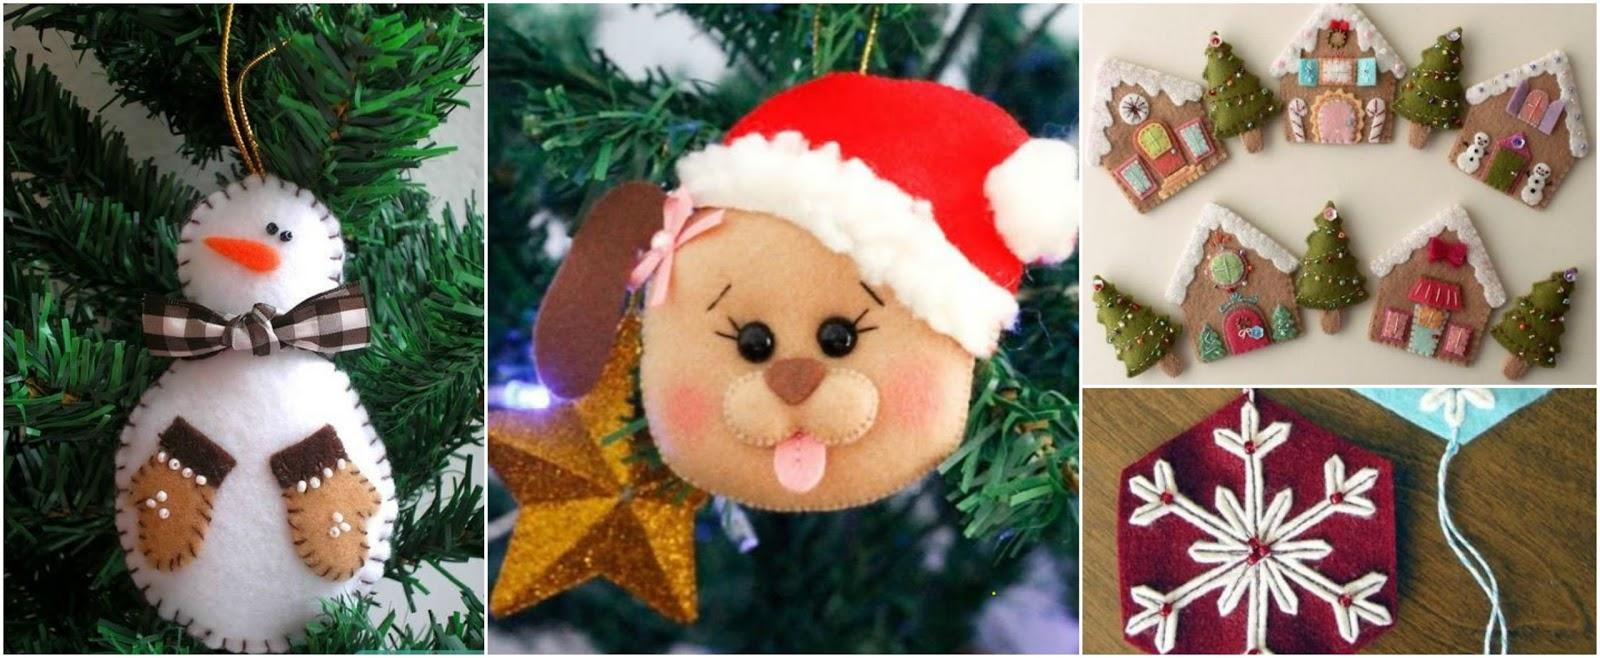 8 adornos navide os en fieltro para decorar en navidad - Adornos navidenos de fieltro ...